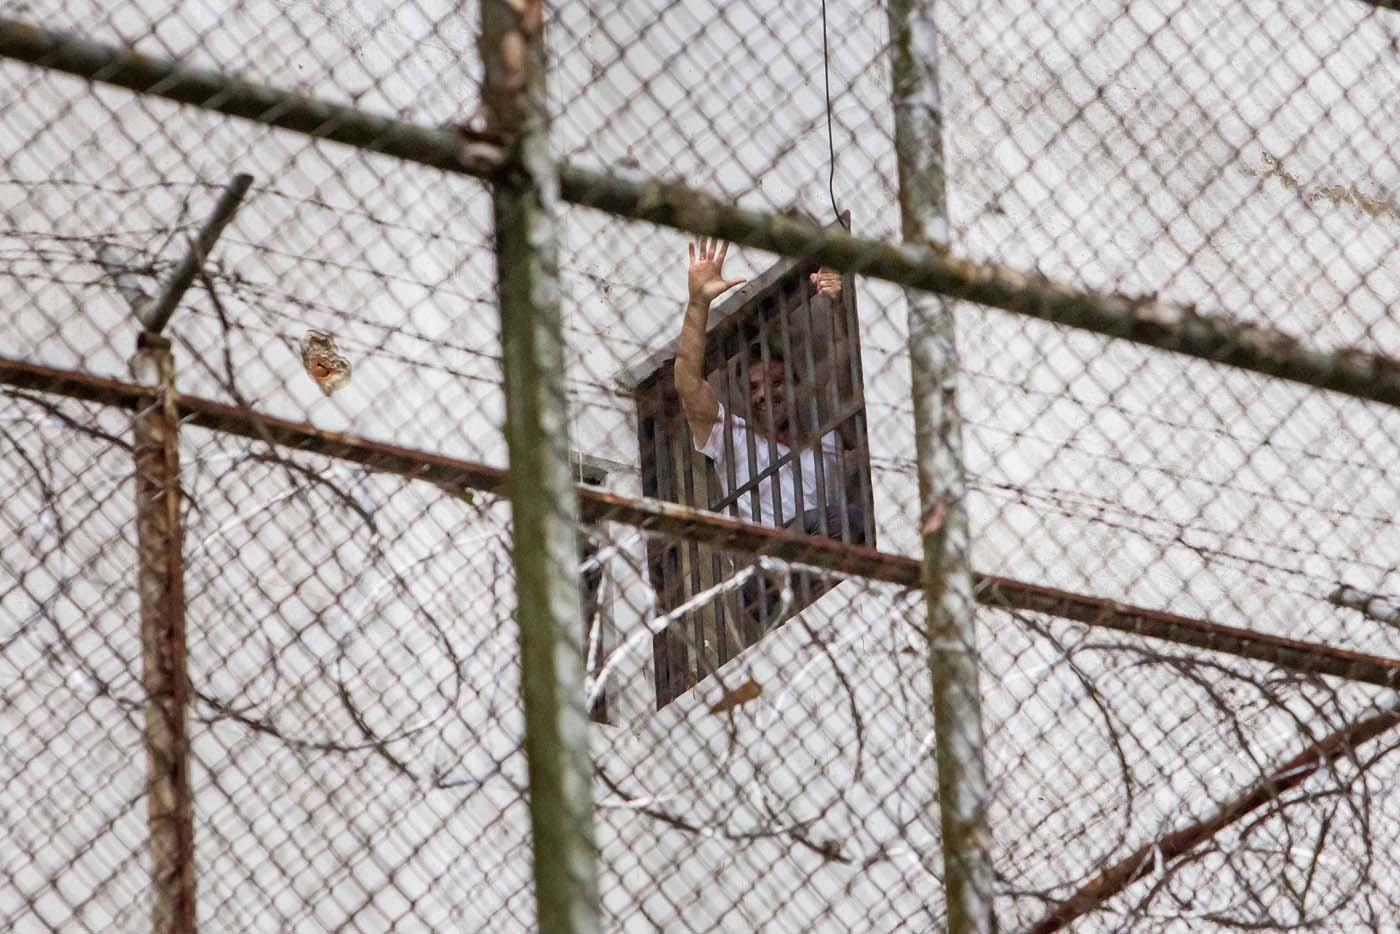 """CAR701. LOS TEQUES (VENEZUELA), 17/02/2017.- Fotografía de archivo del 15 de noviembre de 2014 del opositor venezolano Leopoldo López en la ventana de su celda en la cárcel Ramo Verde en la ciudad de Los Teques (Venezuela). López aseguró desde la cárcel en una entrevista exclusiva con Efe que el considerado número dos del chavismo, Diosdado Cabello, reconoció poco antes de su detención ante su esposa, Lilian Tintori, y sus padres que él era """"inocente"""" y que su situación obedecía a una """"medida política"""". EFE/MIGUEL GUTIERREZ"""